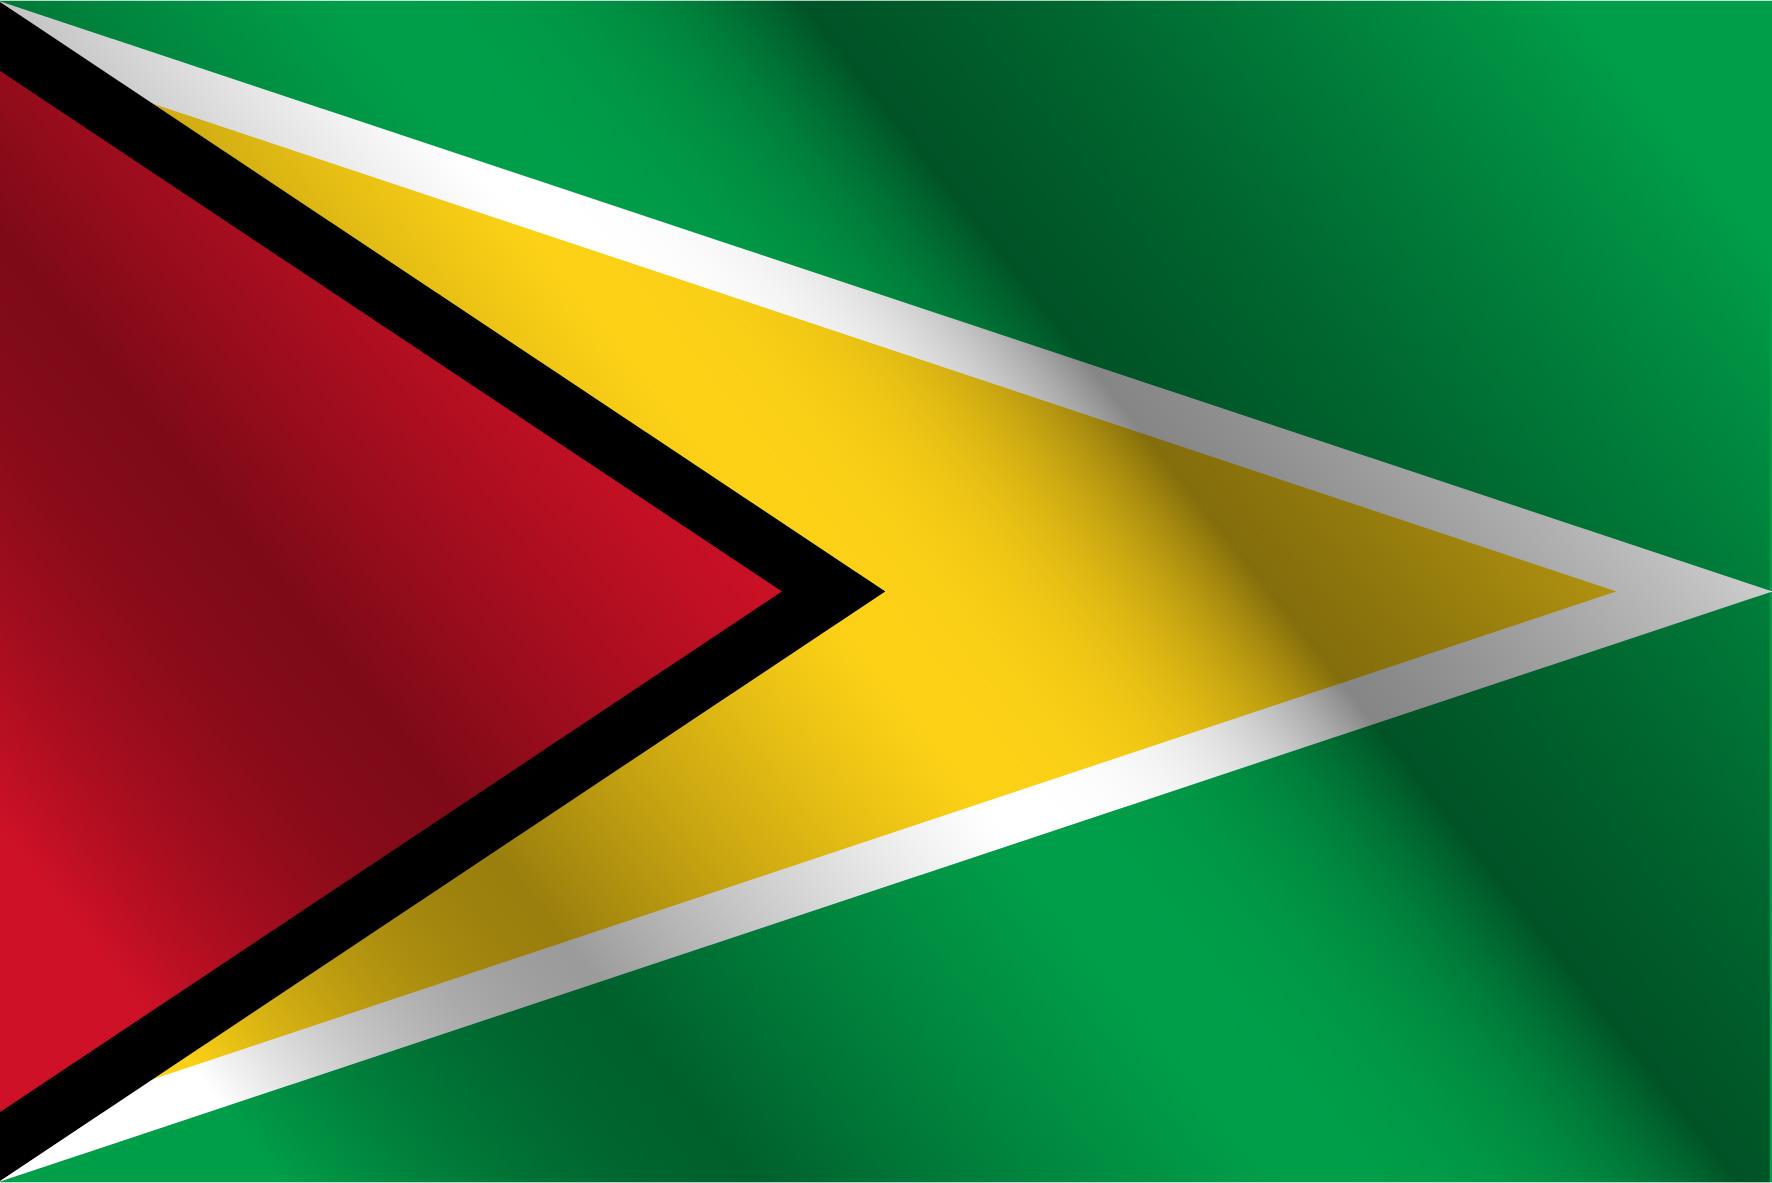 bandera negra roja y verde